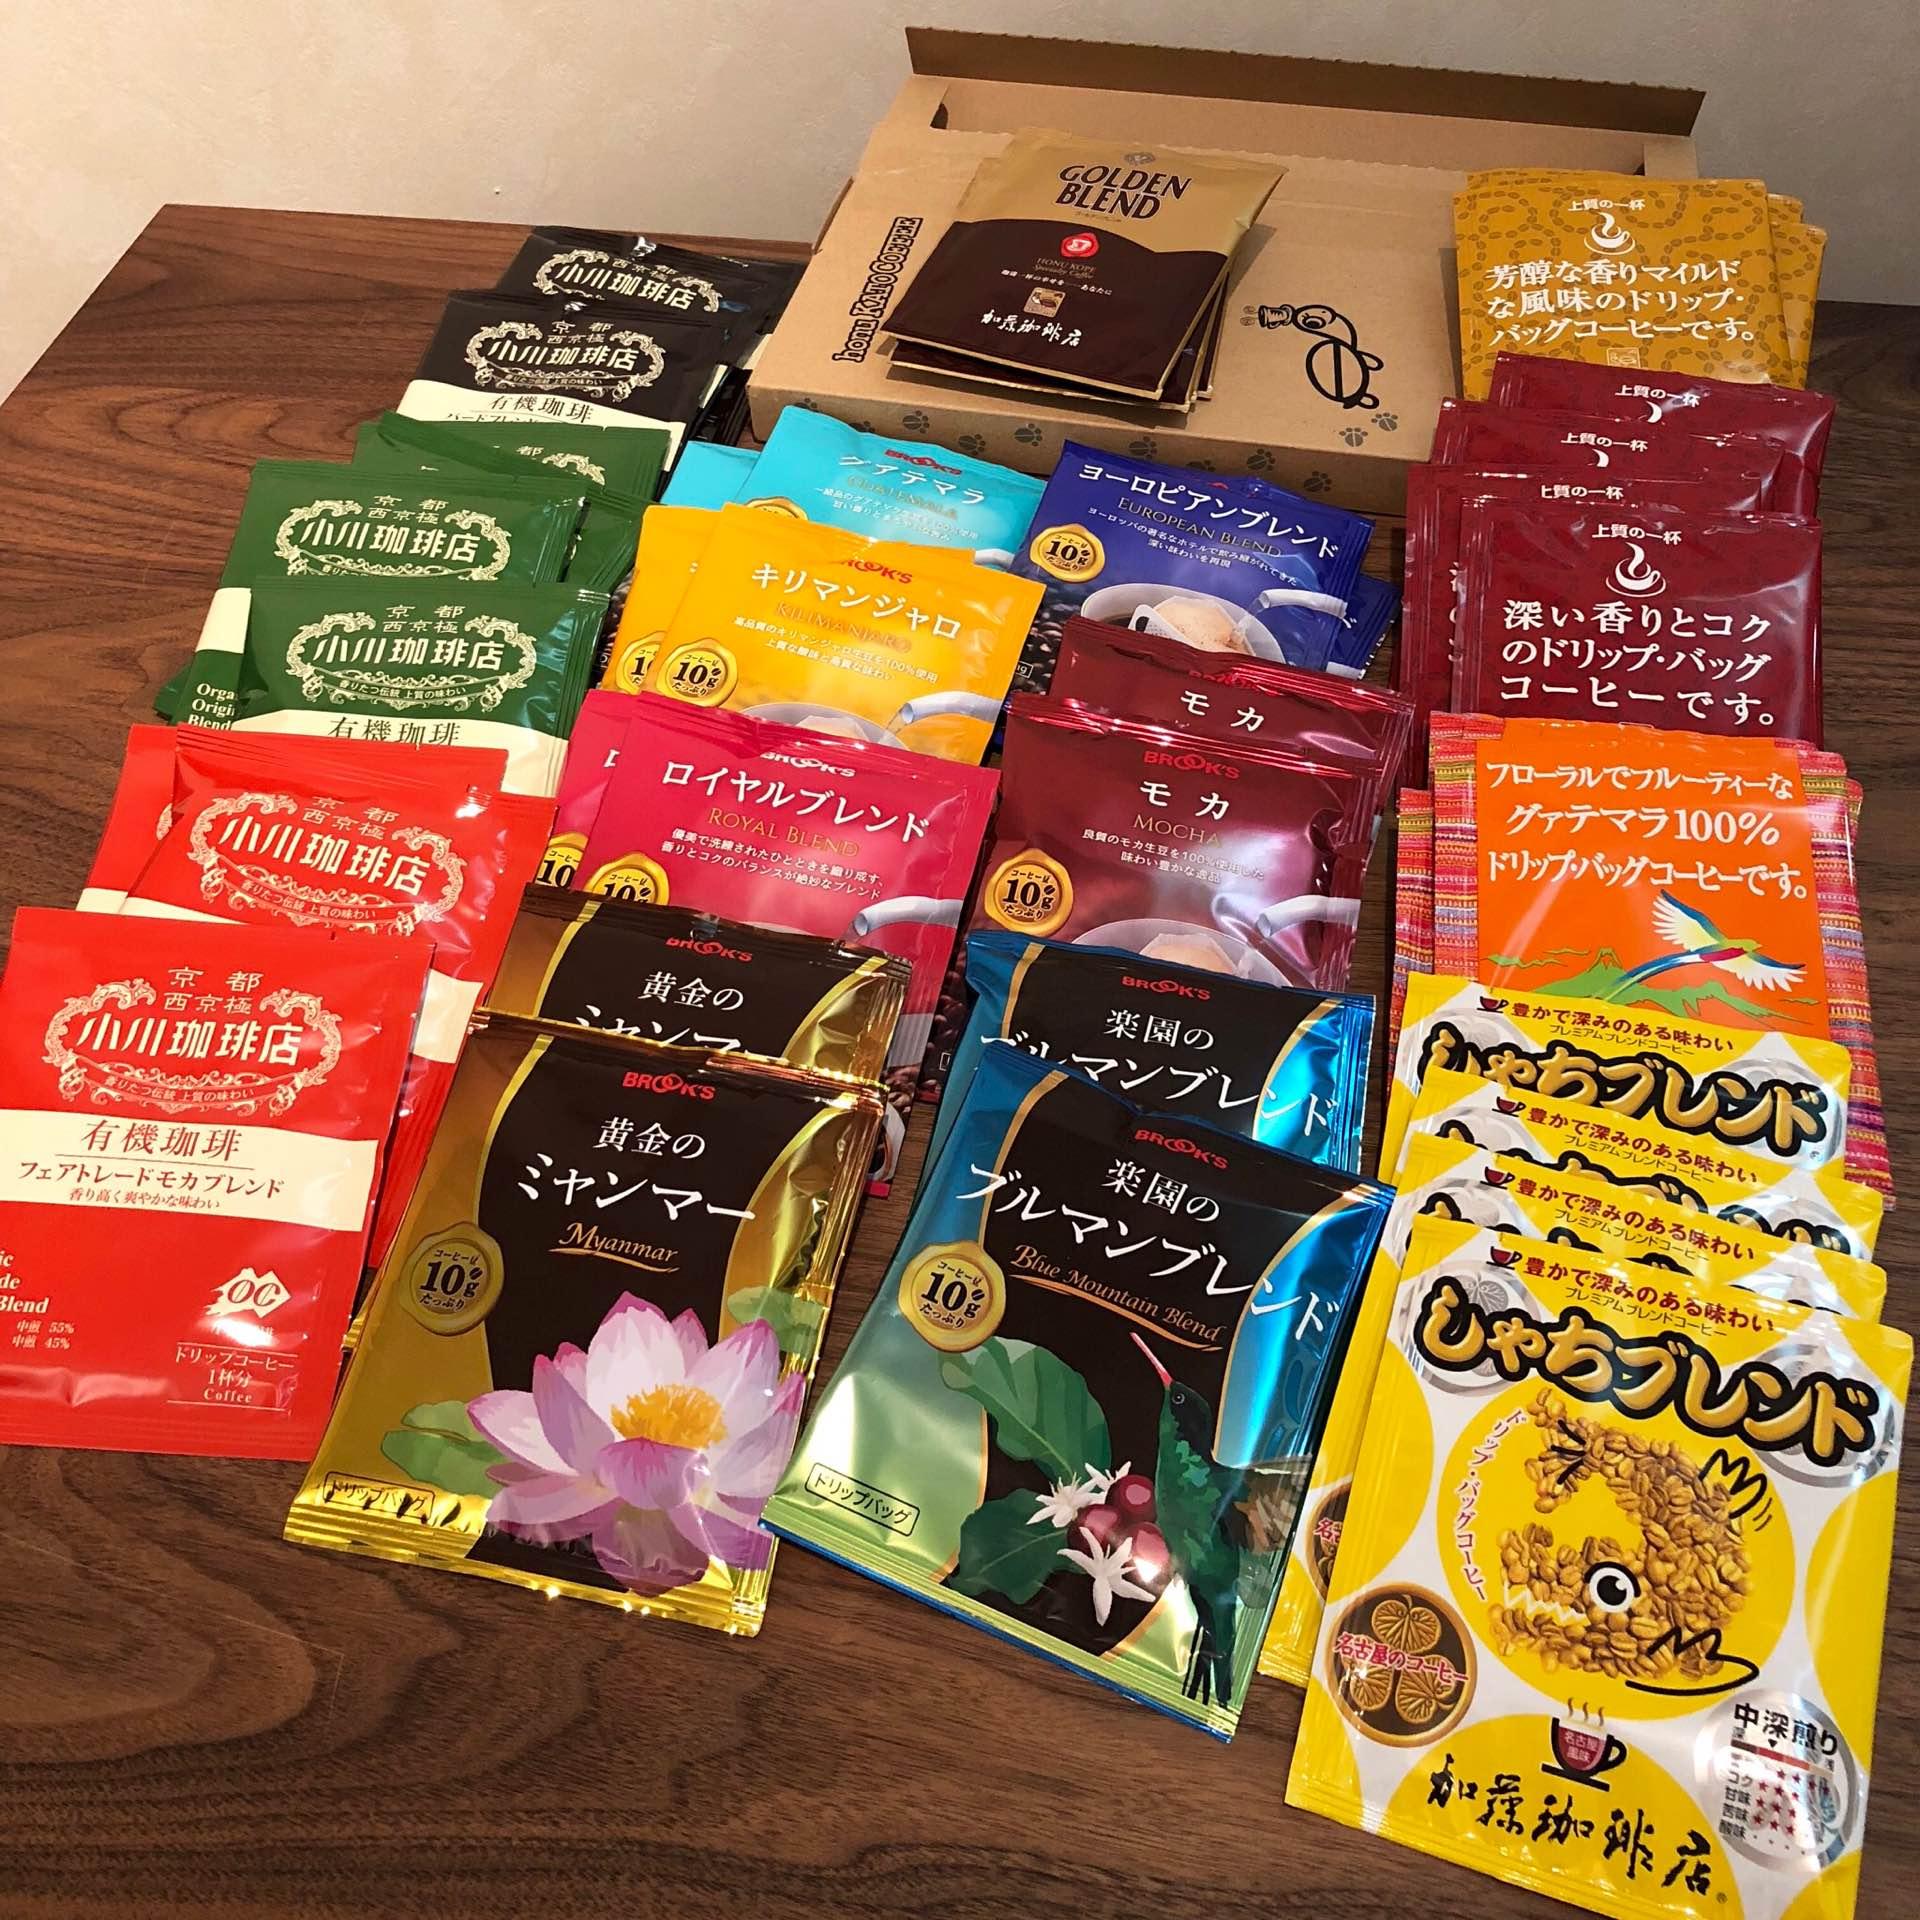 さいきんは豆を買うほど珈琲を飲まないので、1杯ずつ分けられてるドリップバッグをいろいろ買ってみた。しゃちブレンドって名古屋らしいな( ゚∀゚) https://t.co/Zuv7lxdzoI